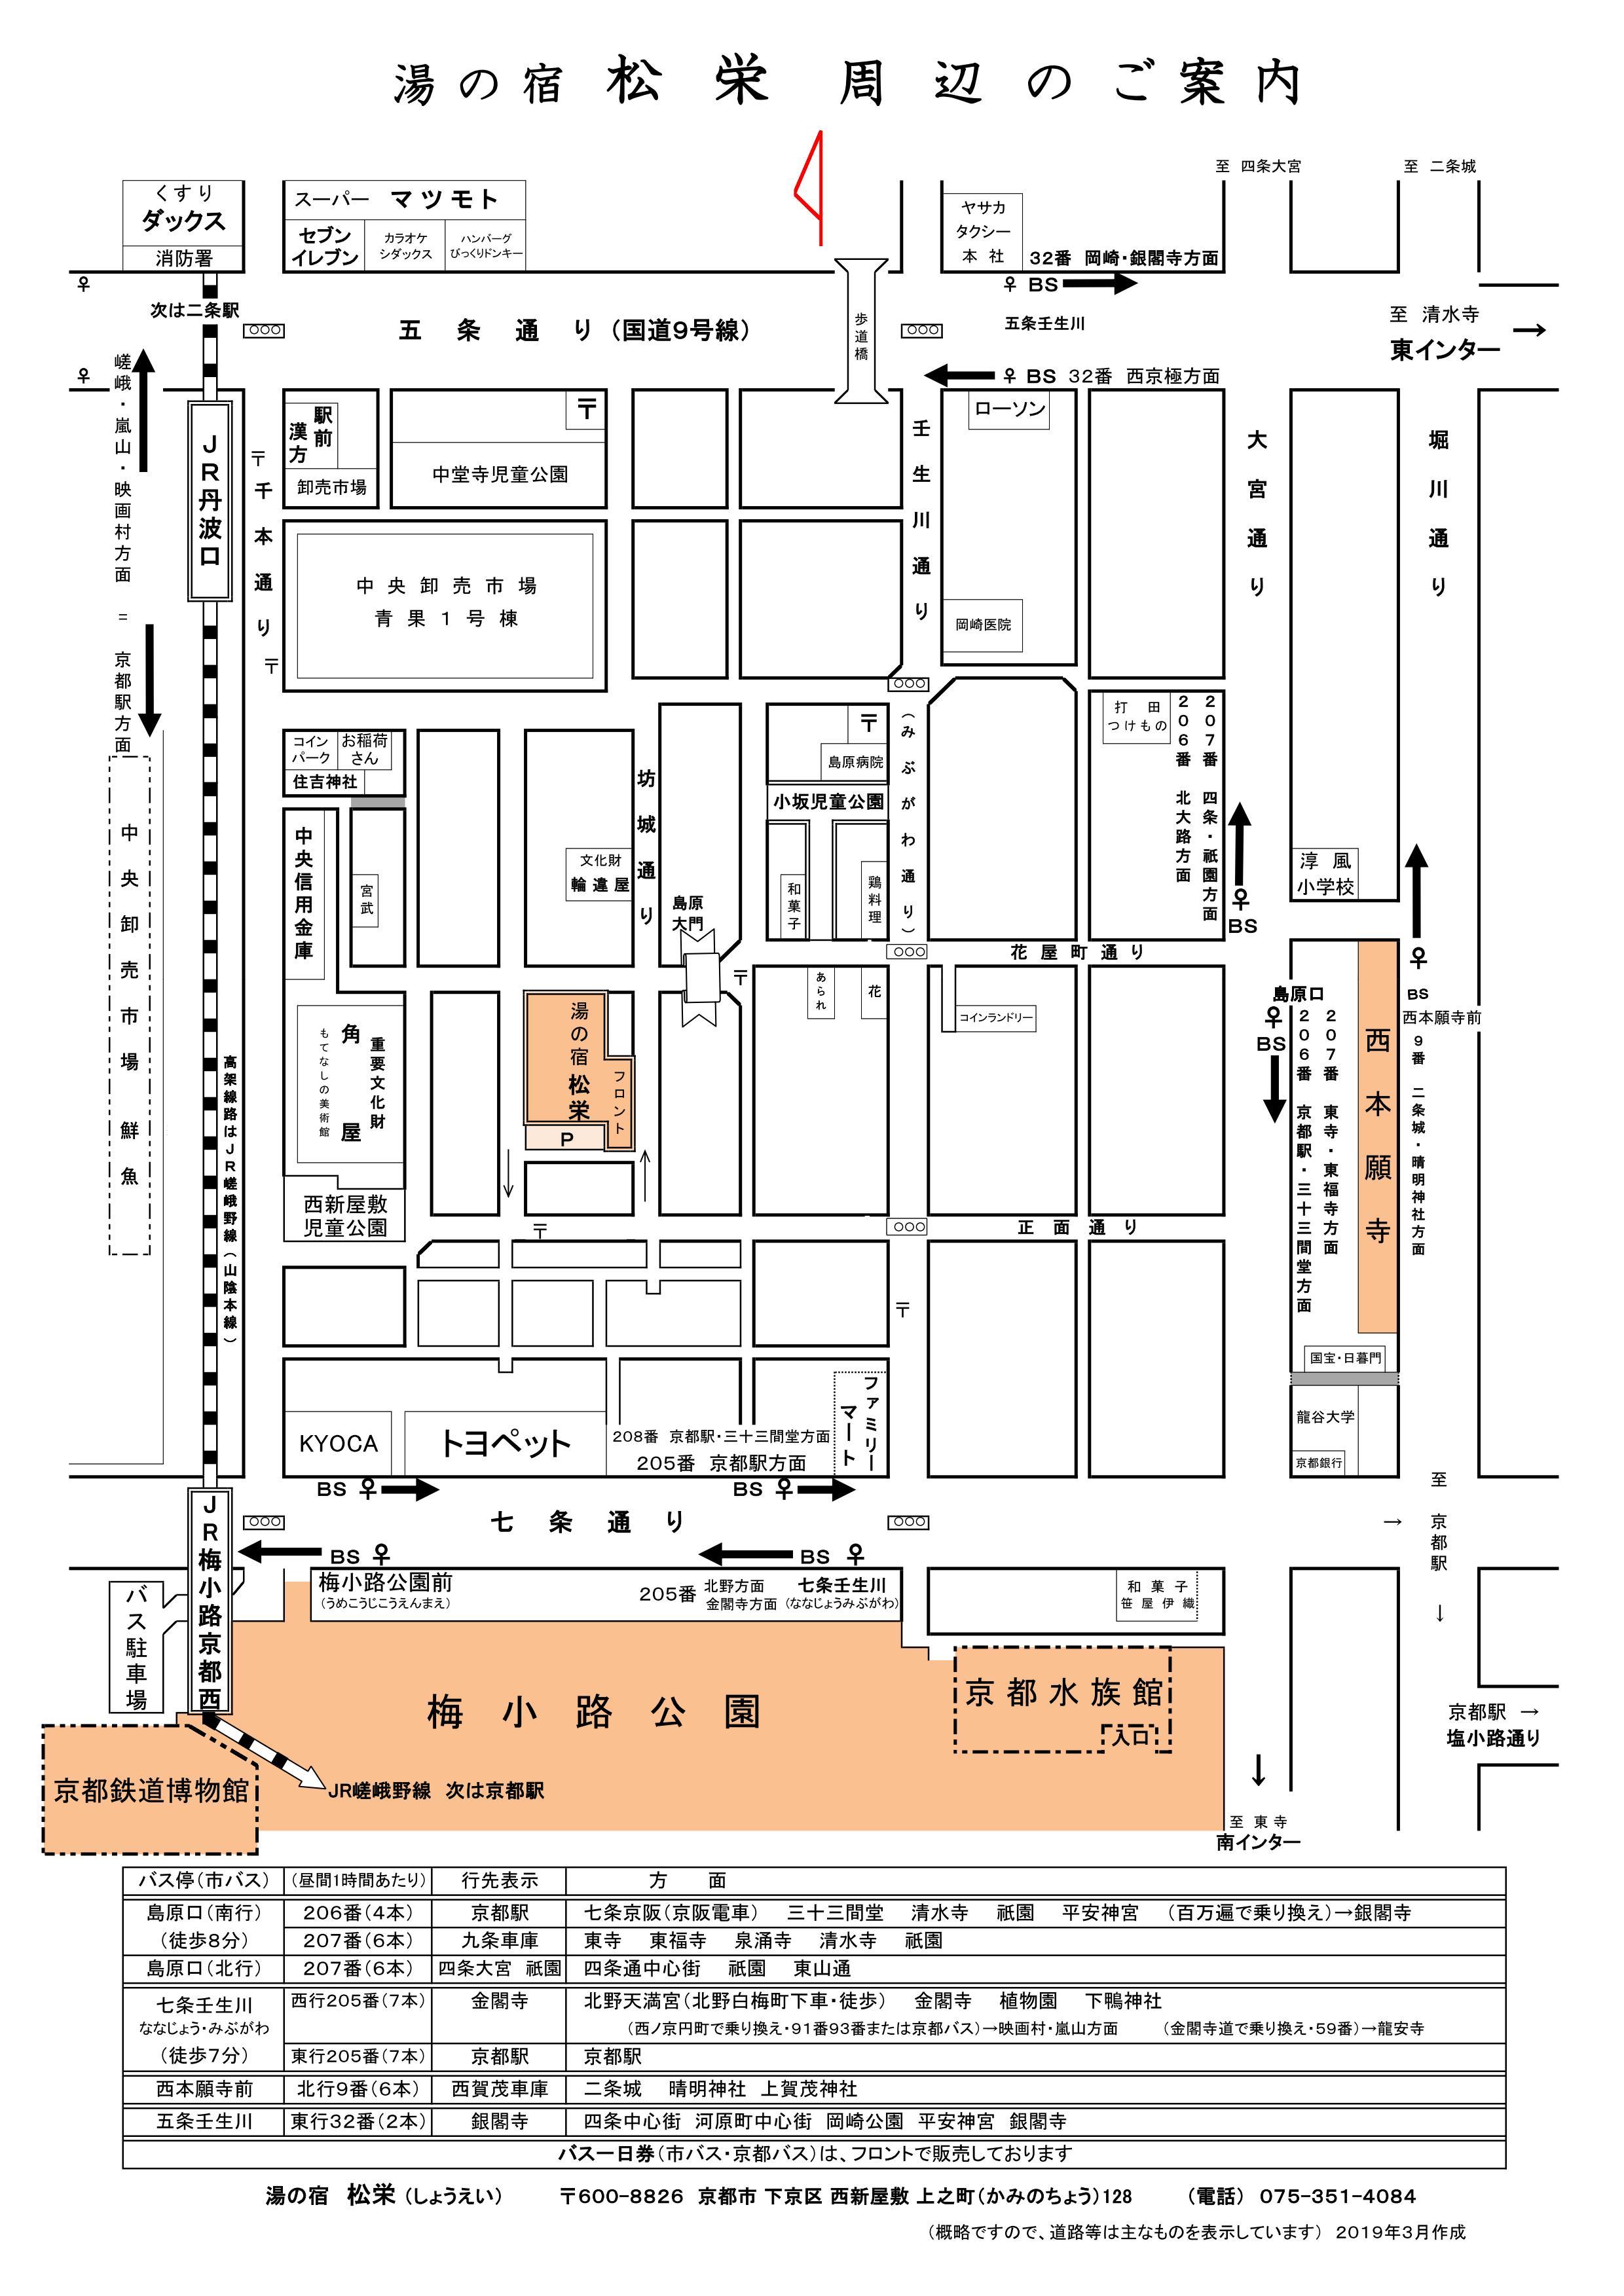 京都 旅館 松栄 周辺図PDF